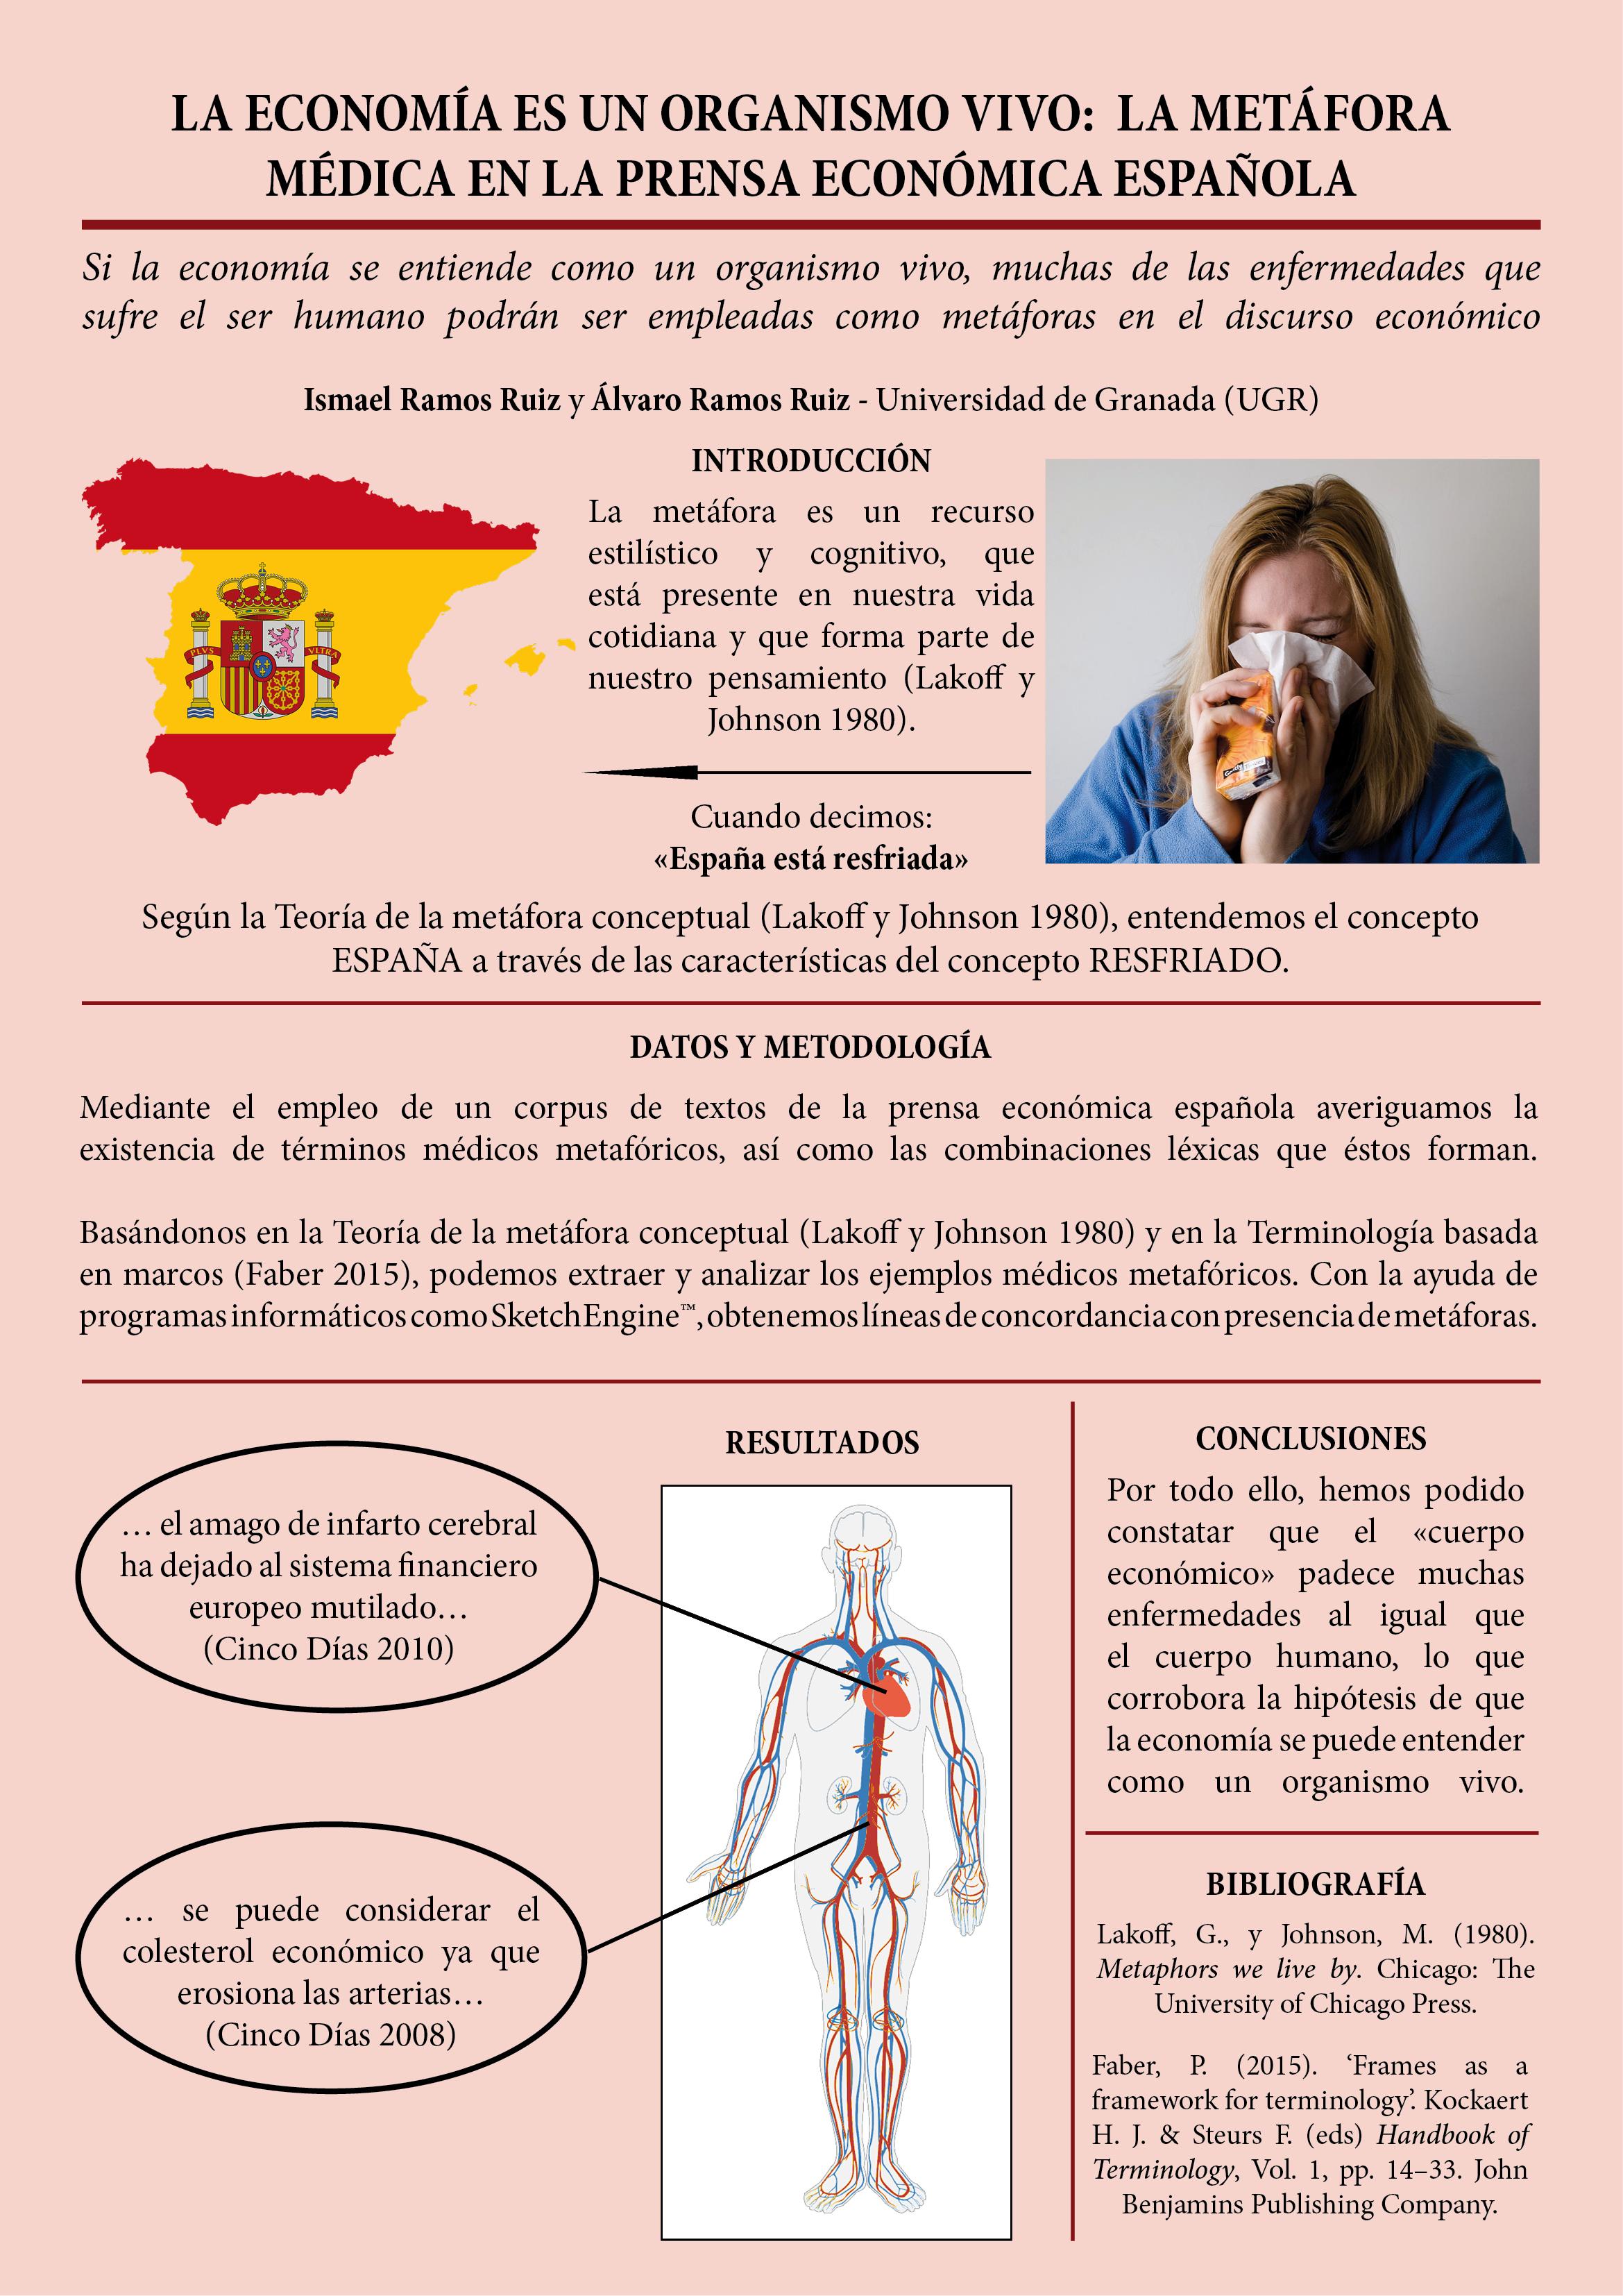 La economía es un organismo vivo: la metáfora médica en la prensa económica española